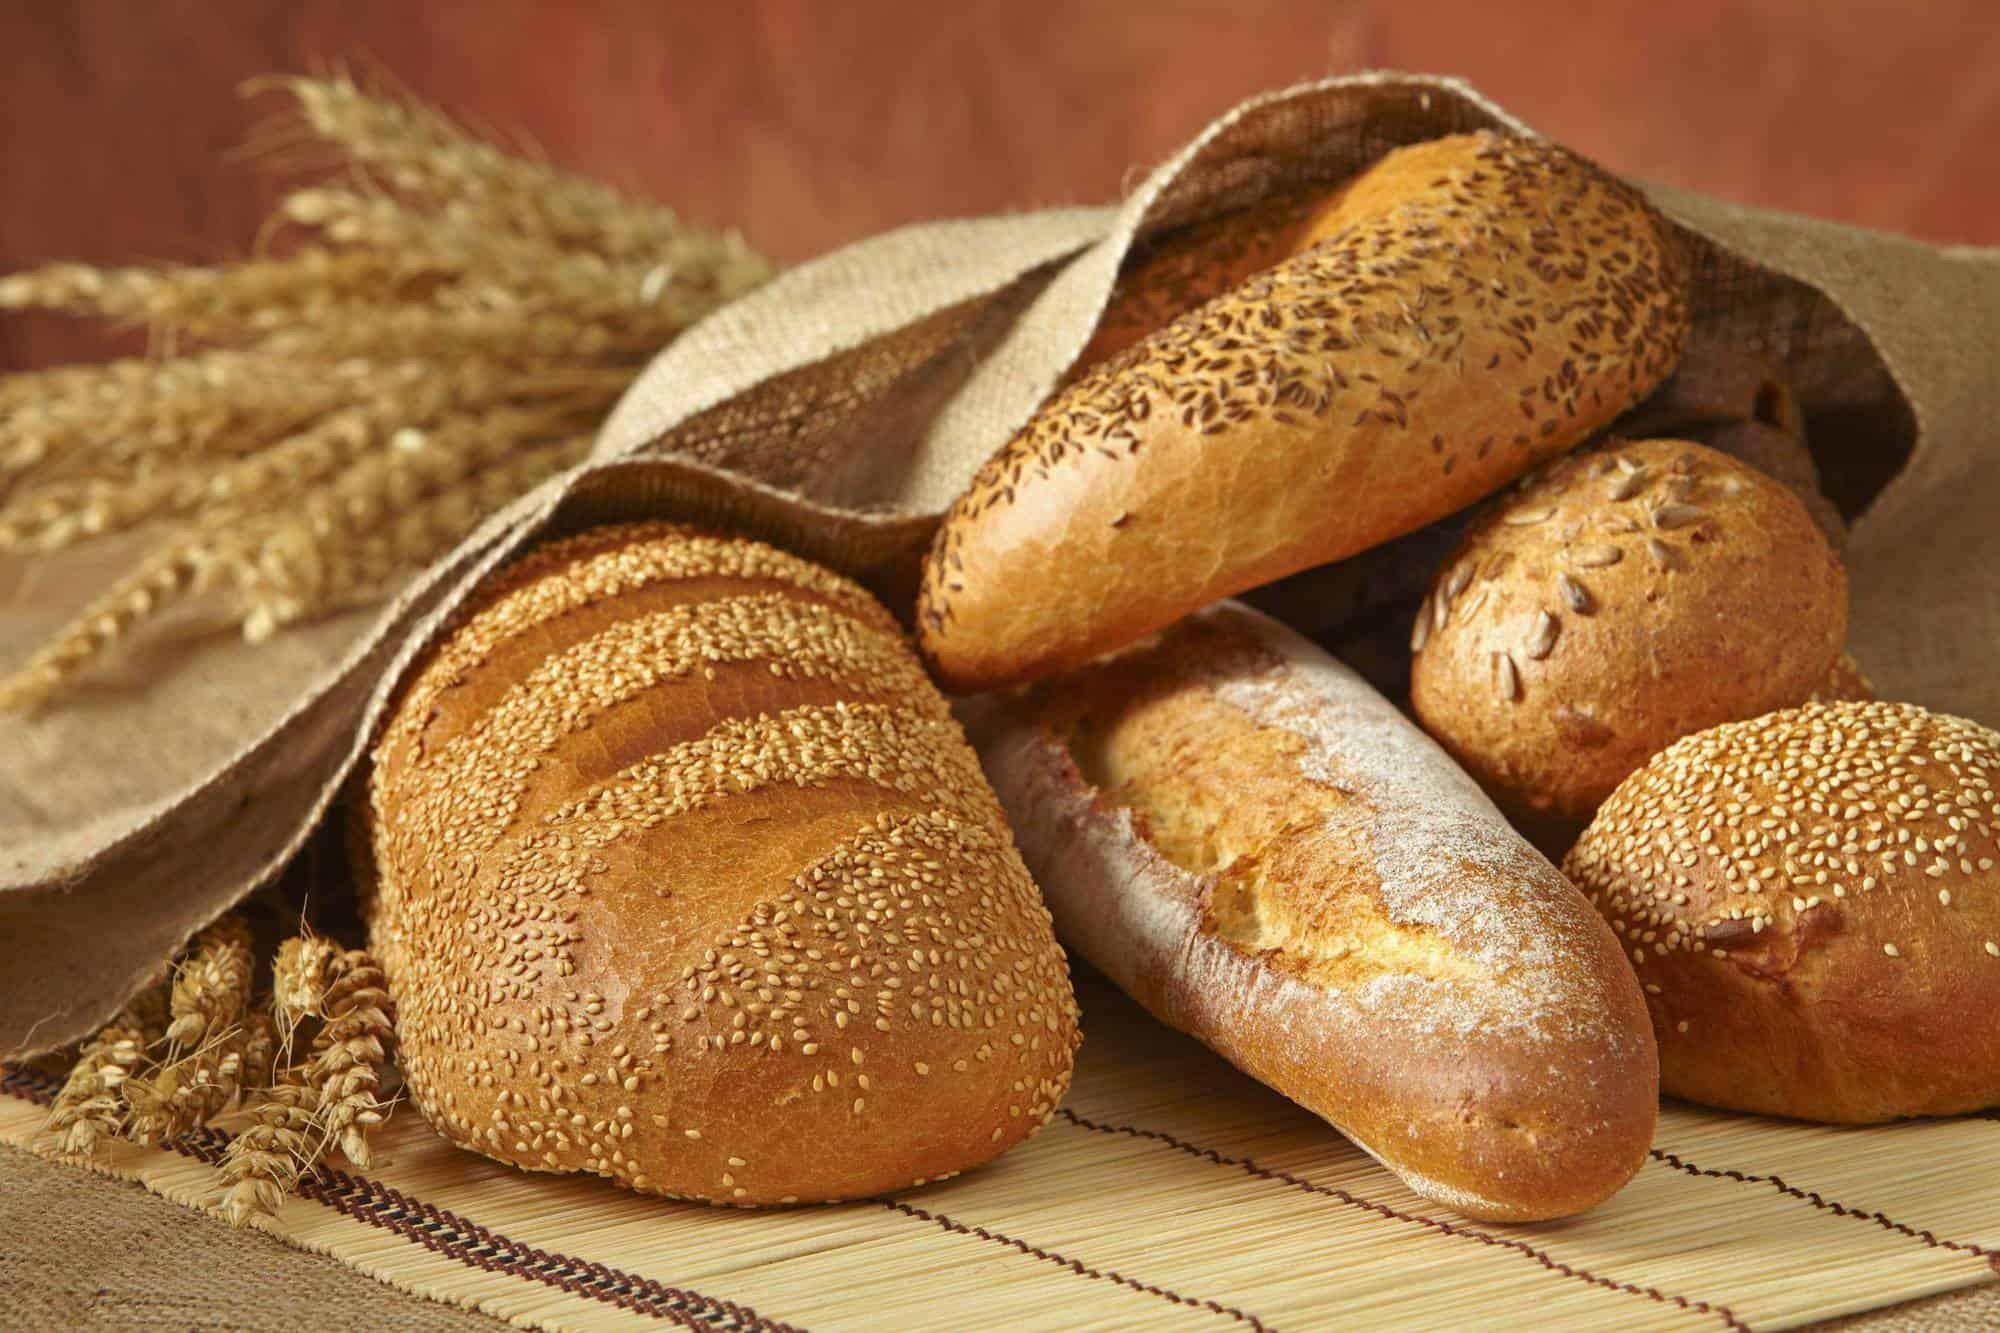 رؤية الخبز